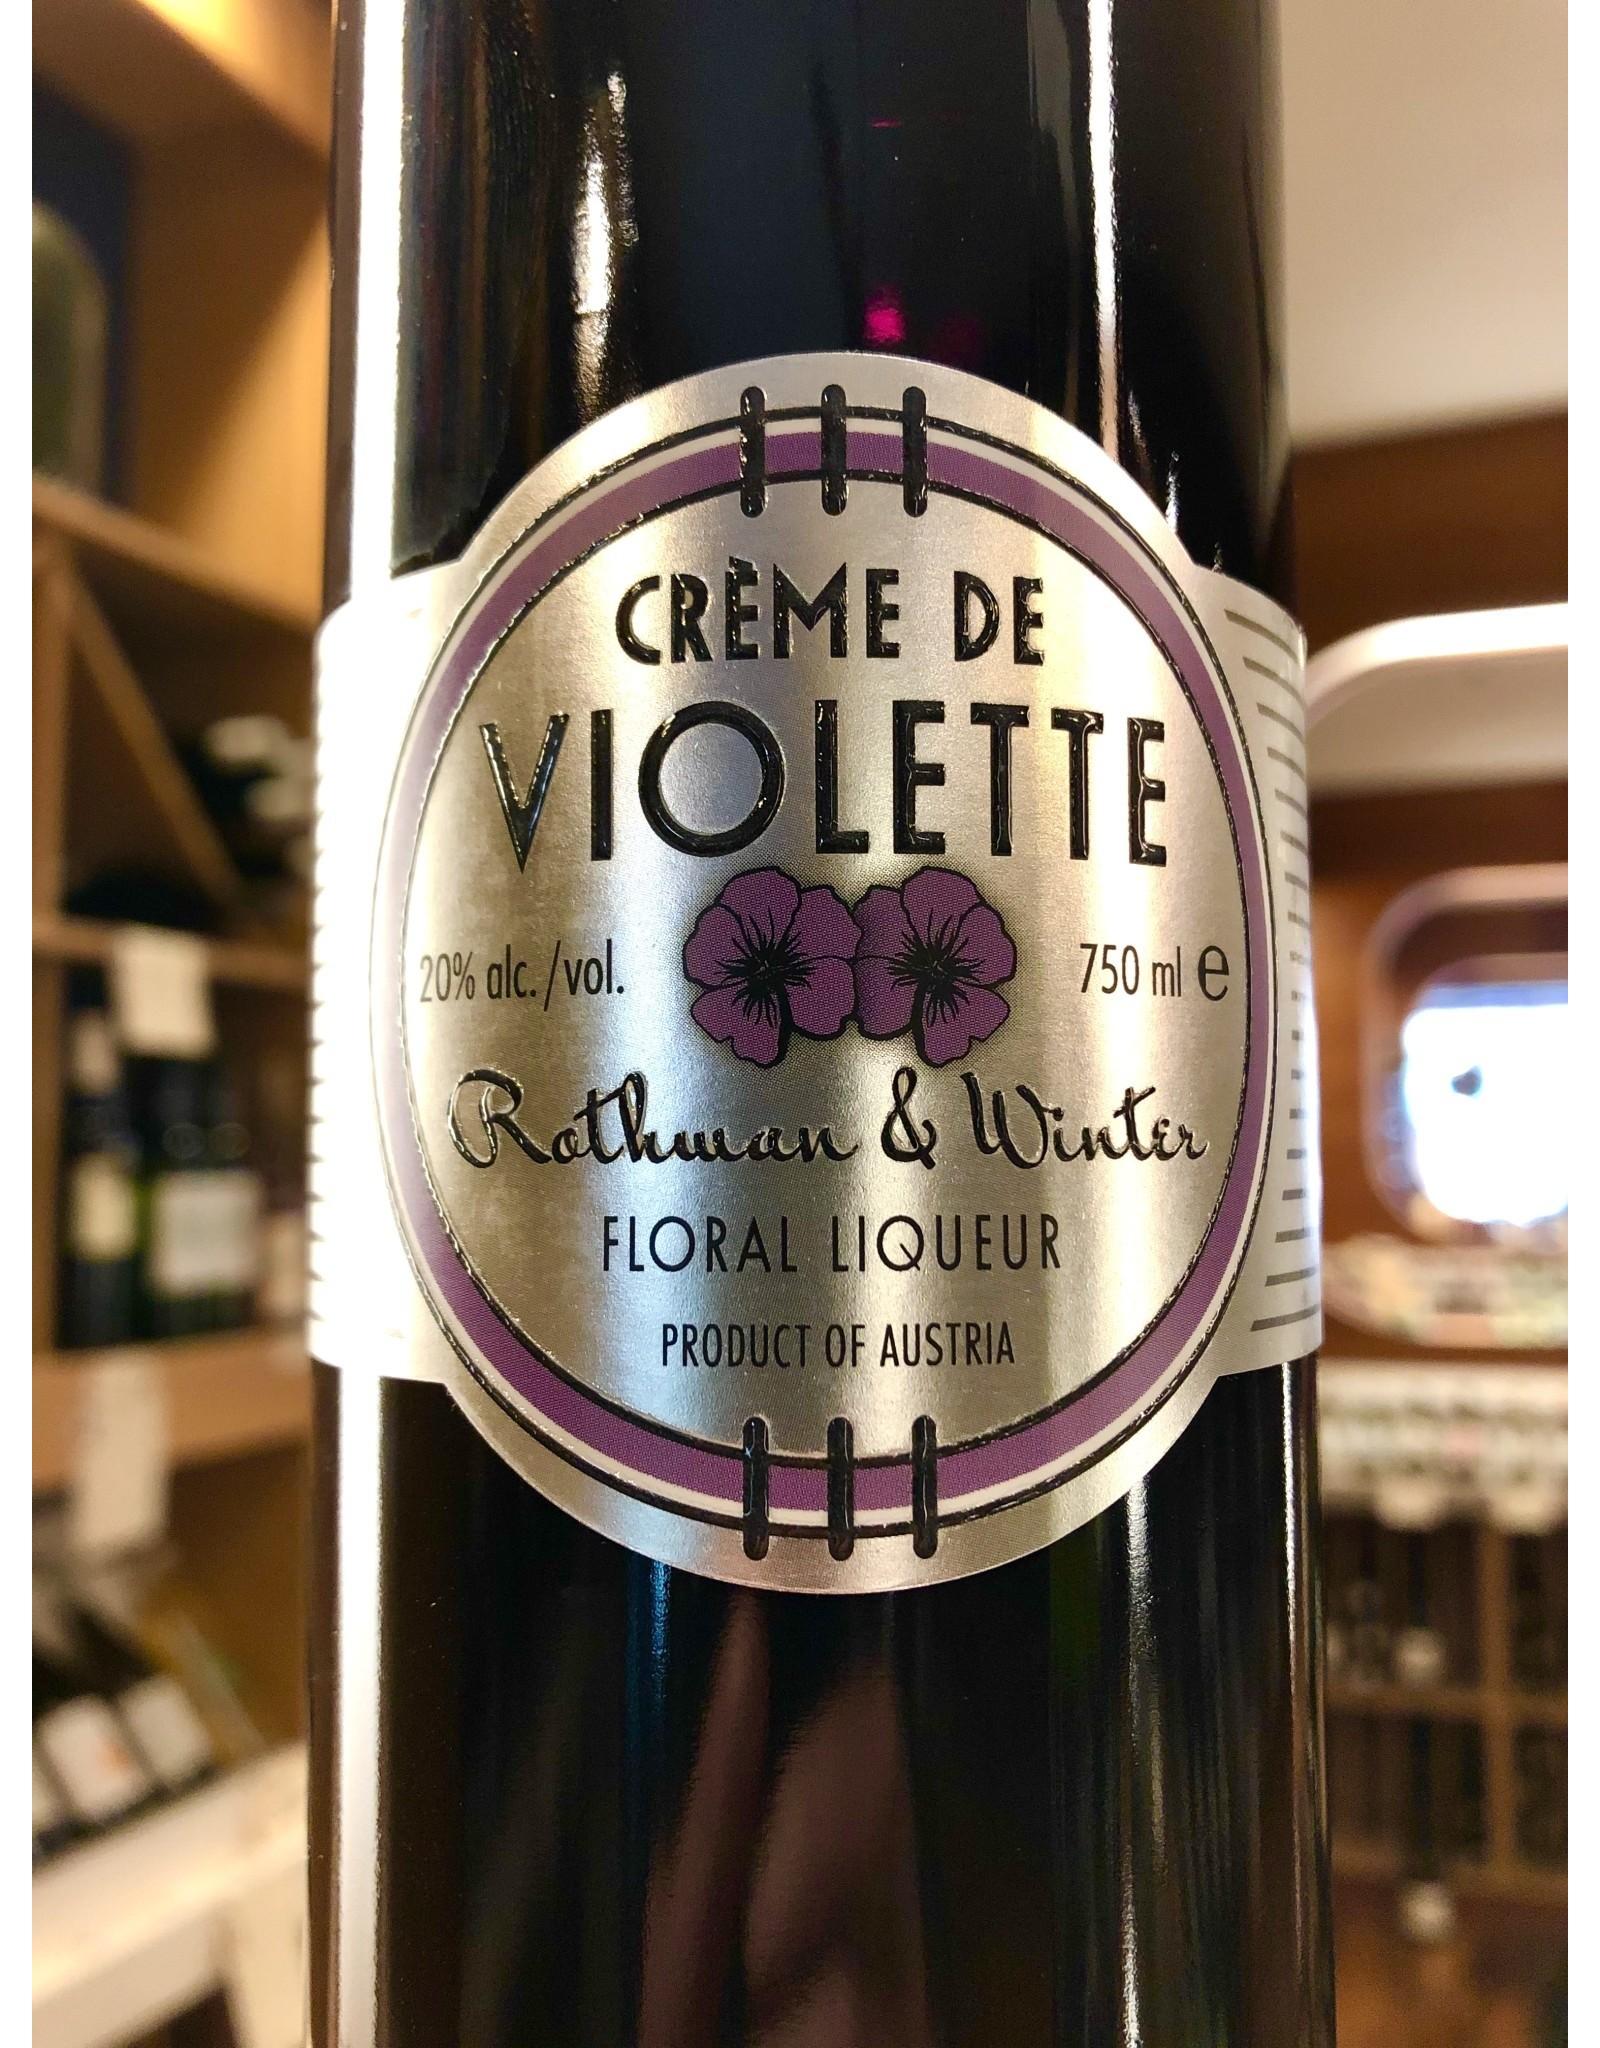 Rothman & Winter Creme de Violette - 750 ML